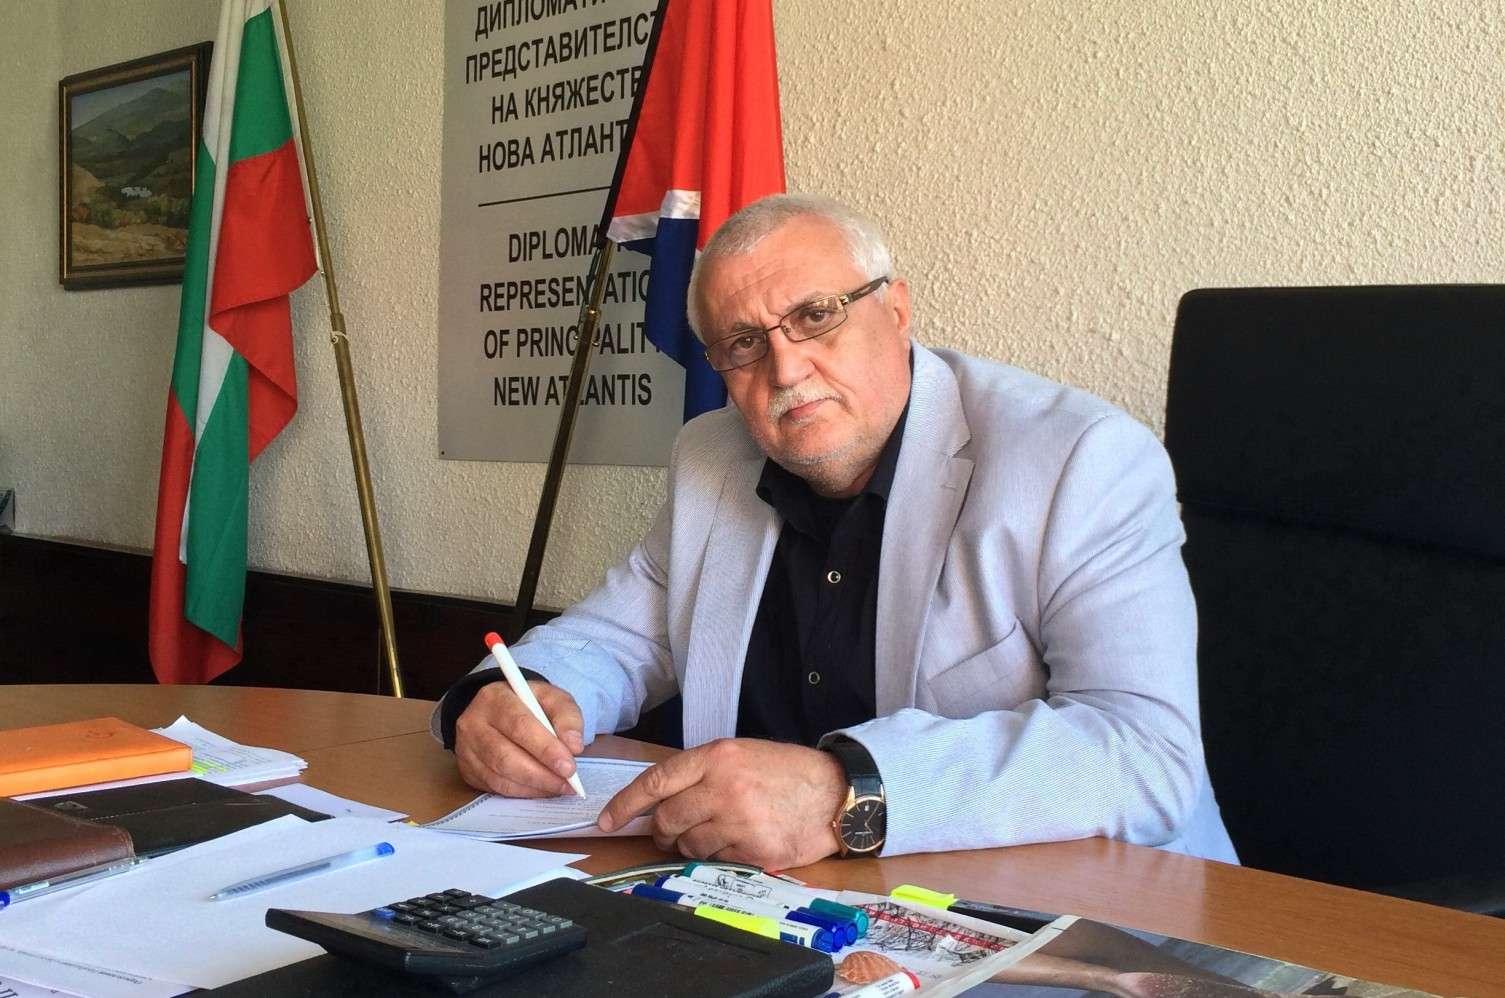 Vladimir_Balanov1